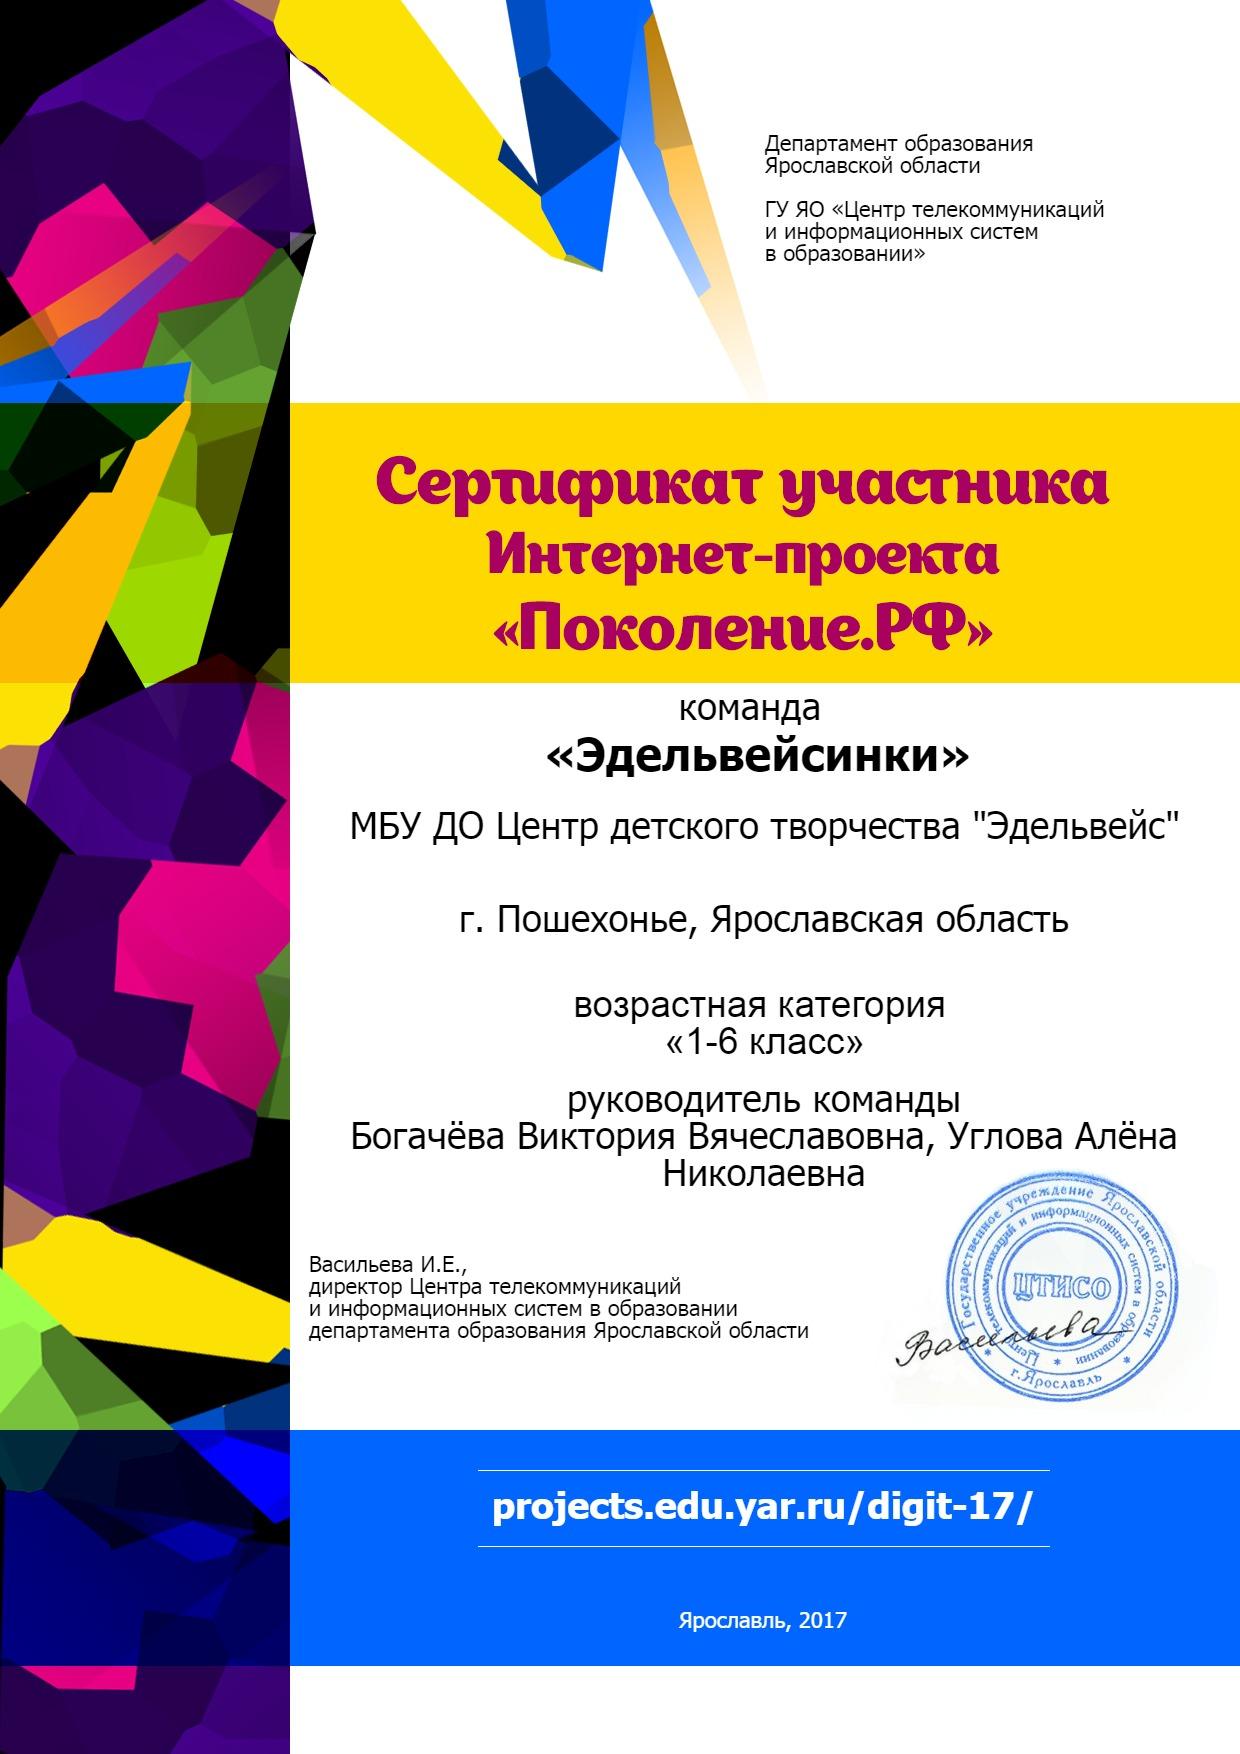 Учреждение Диплом участника iv Международного квеста цифровой грамотности Сетевичок 2017 г